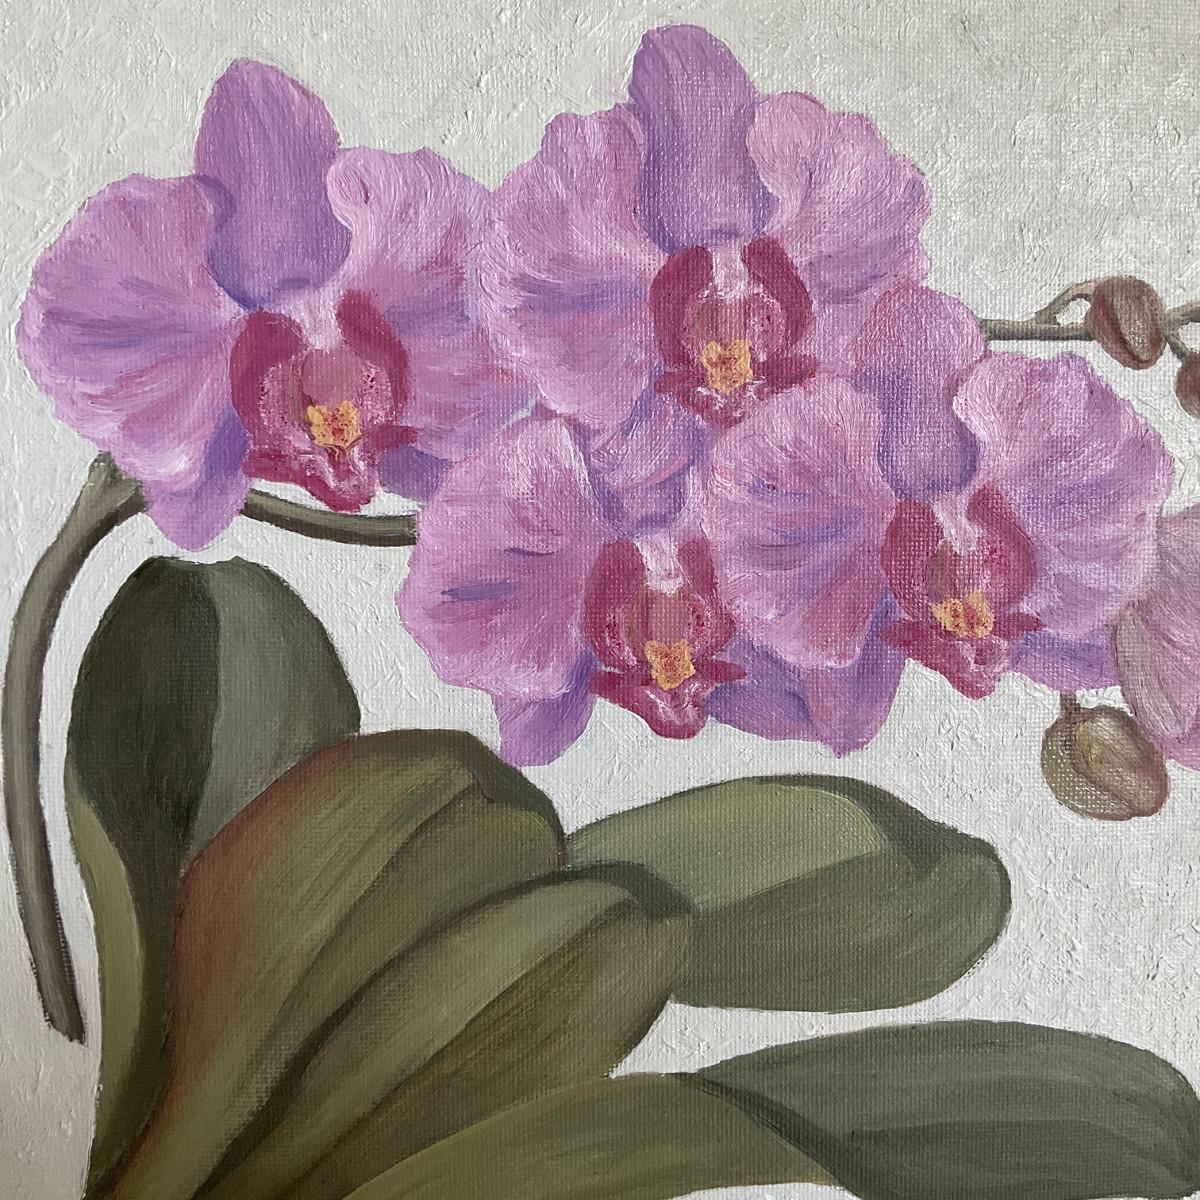 Orchideenblüten hellviolett 2021, Ausschnitt